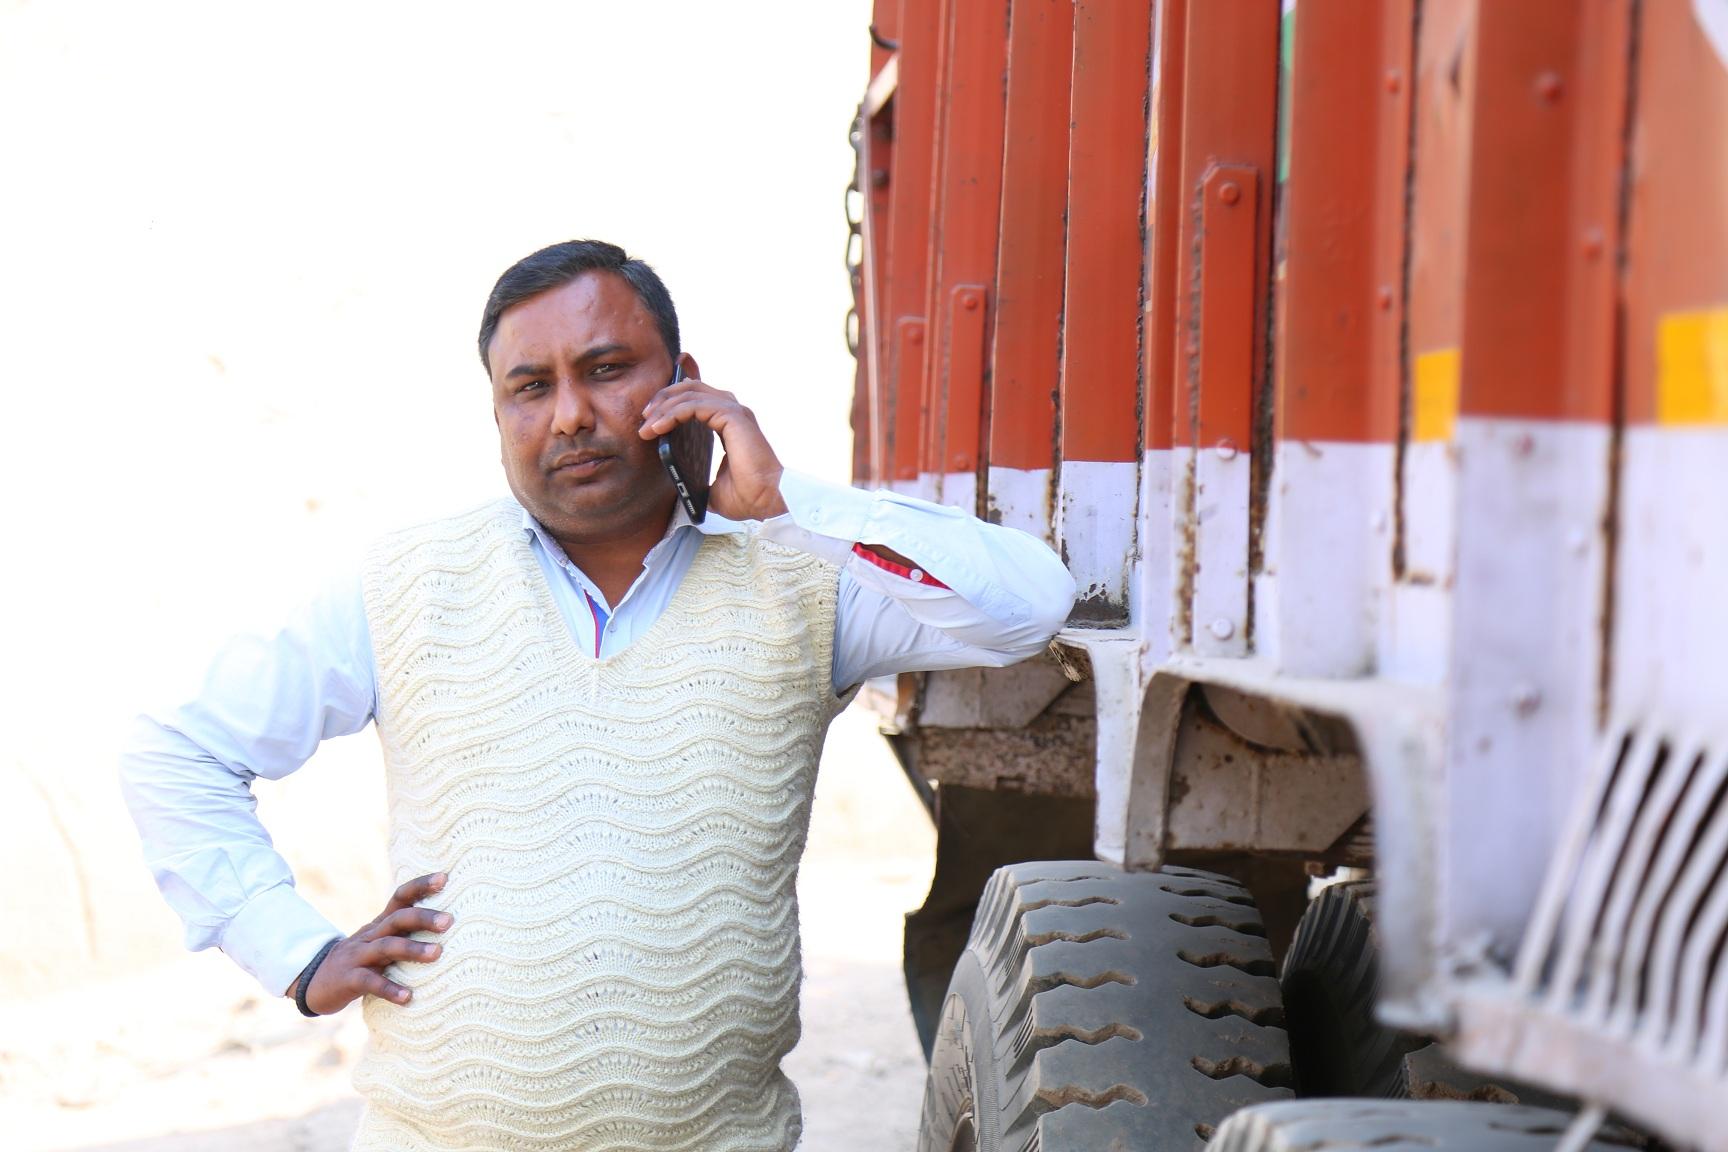 trucks drivers